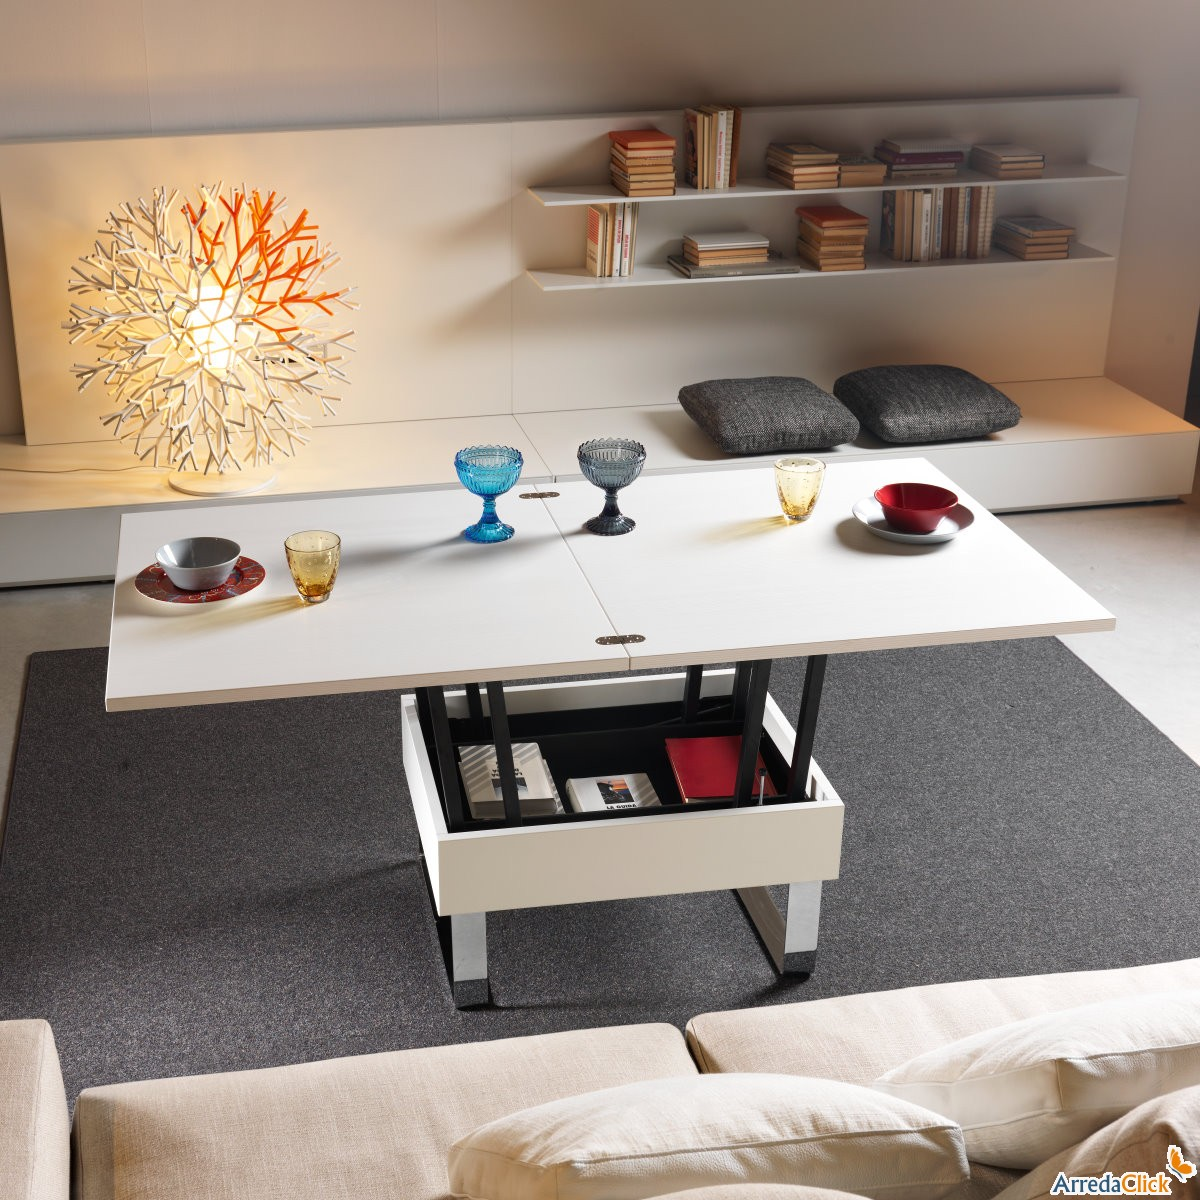 Tavolini Da Salotto Che Diventano Tavoli Da Pranzo.Arredaclick Il Blog Sull Arredamento Italiano Online